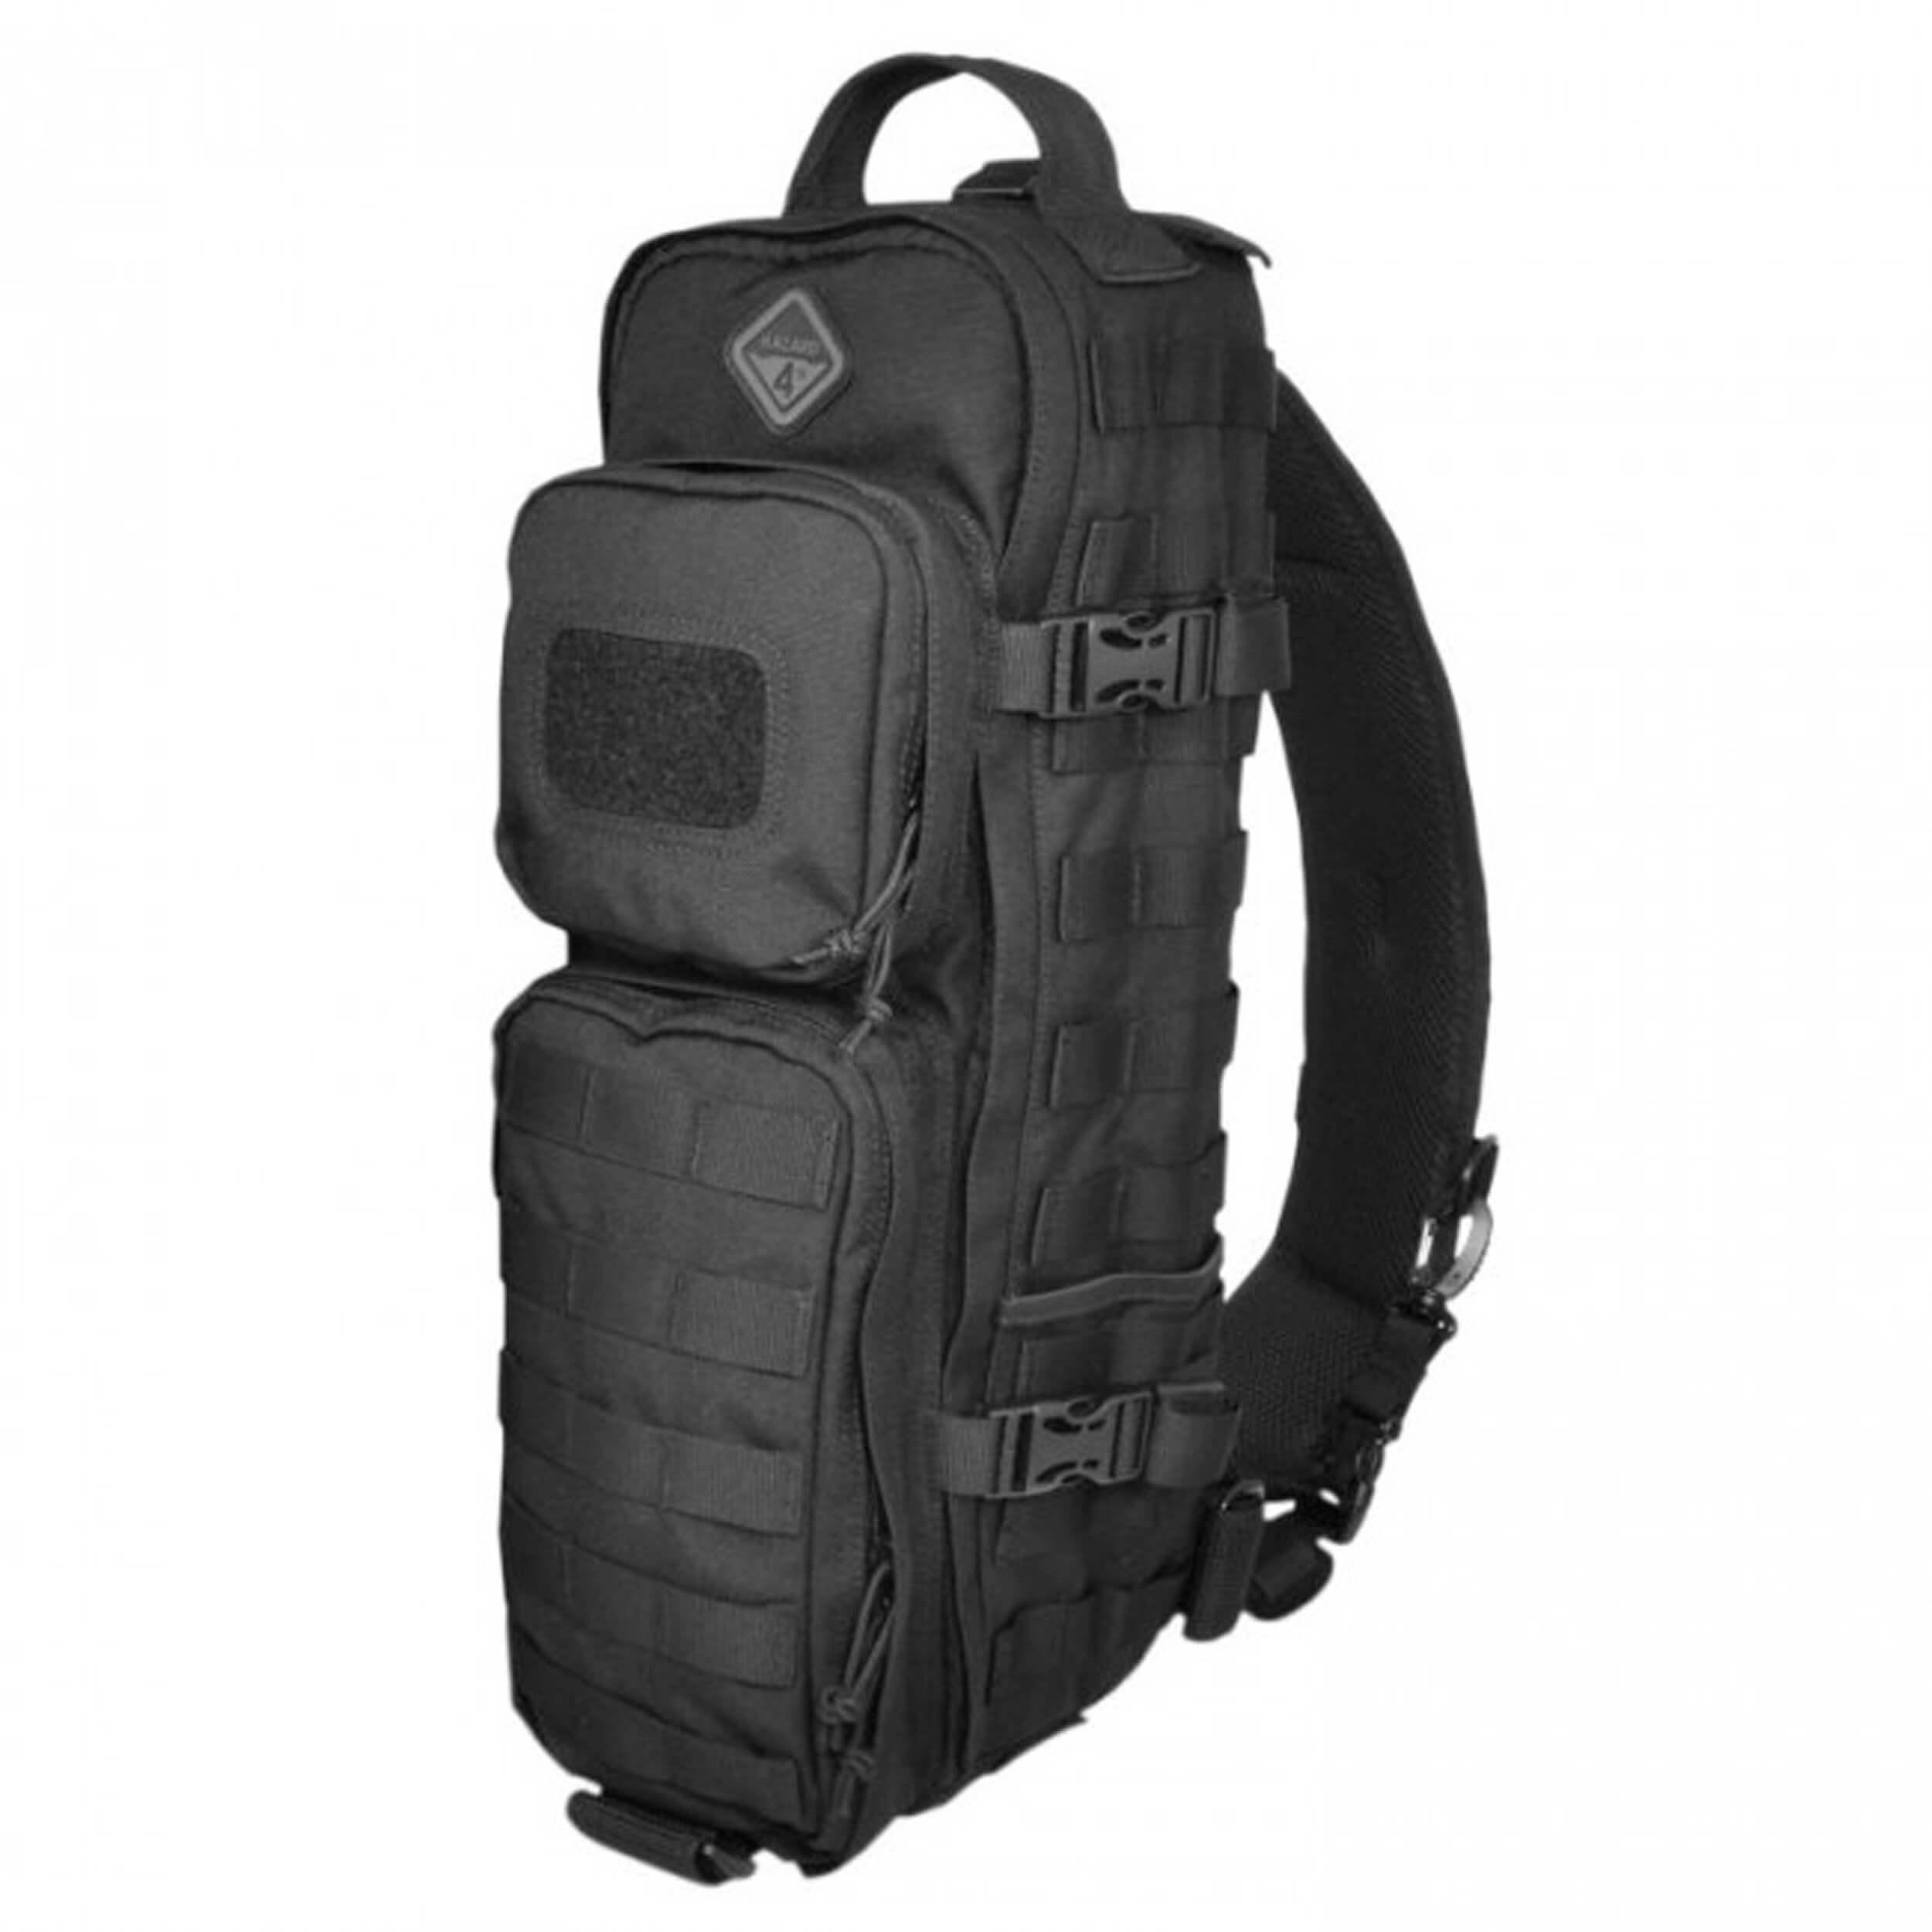 Hazard 4 Evac Plan-B Sling Pack Schwarz